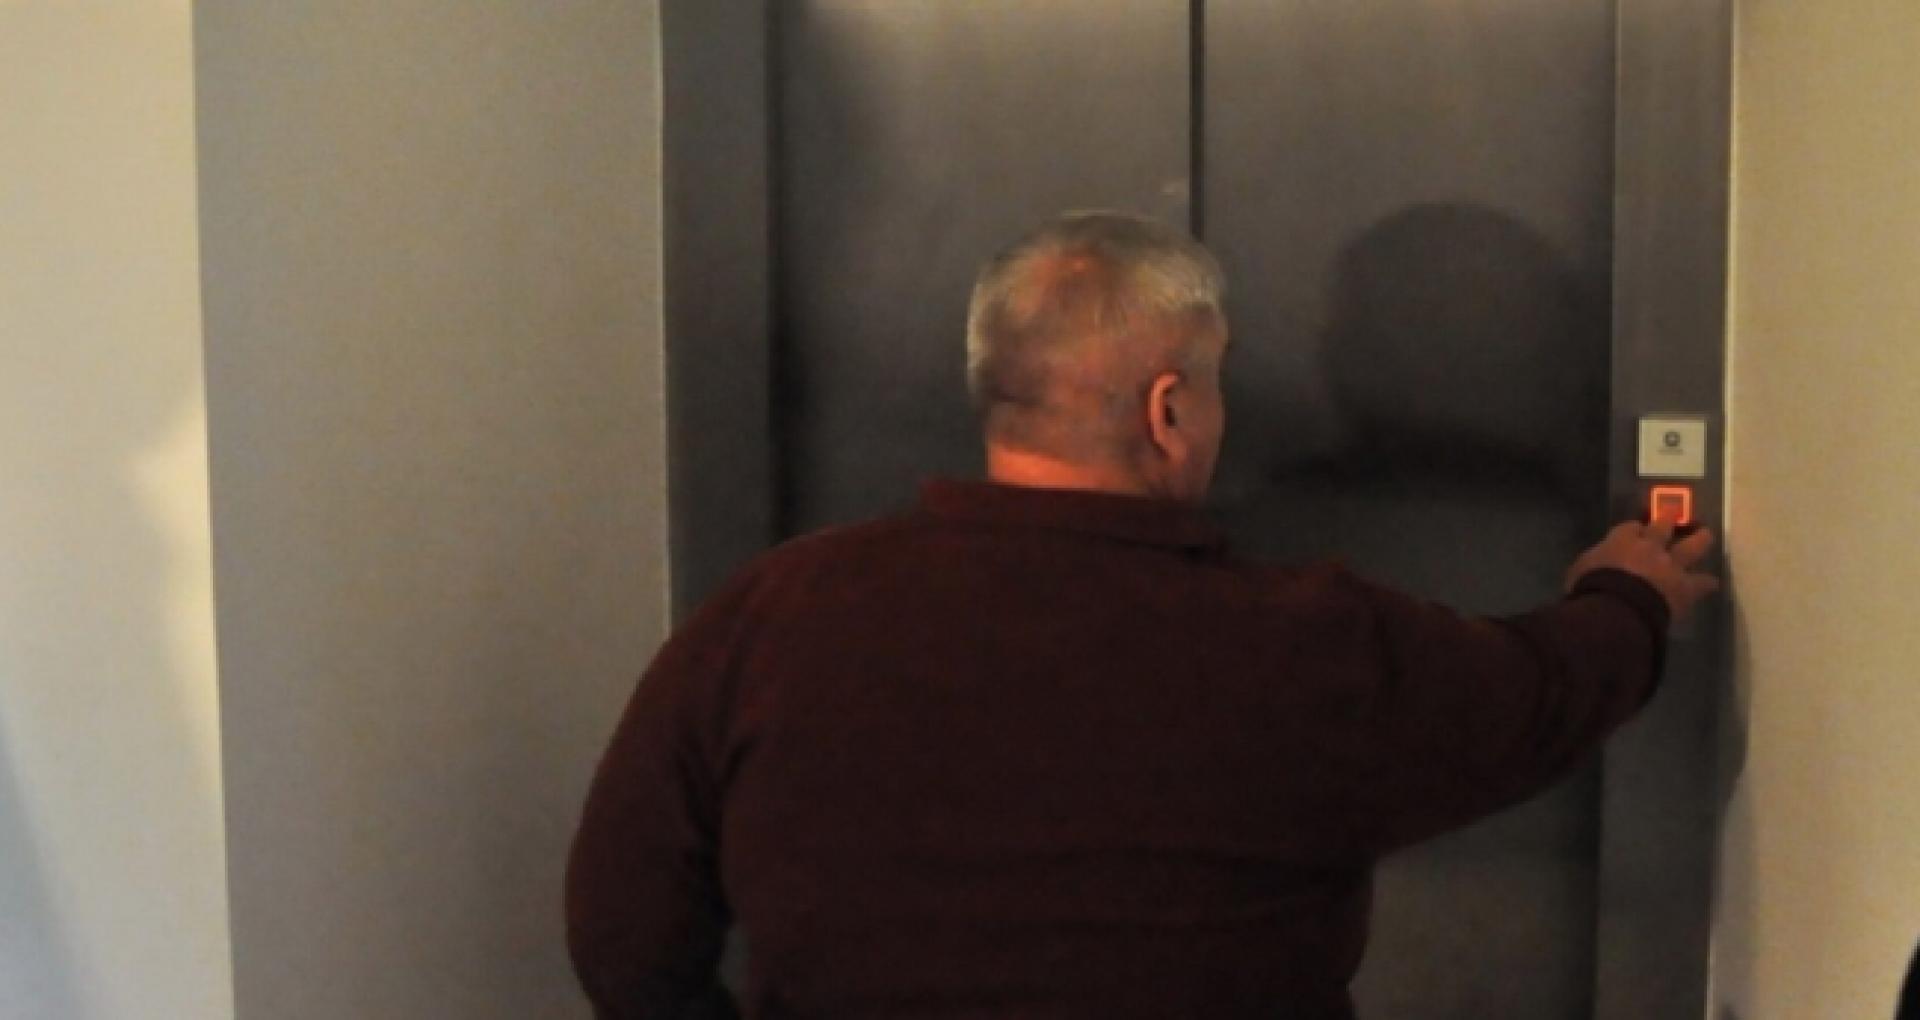 Parlamentul a aprobat, în prima lectură, proiectul prin care persoanele imobilizate la pat ar putea fi scutite de plata pentru ascensor